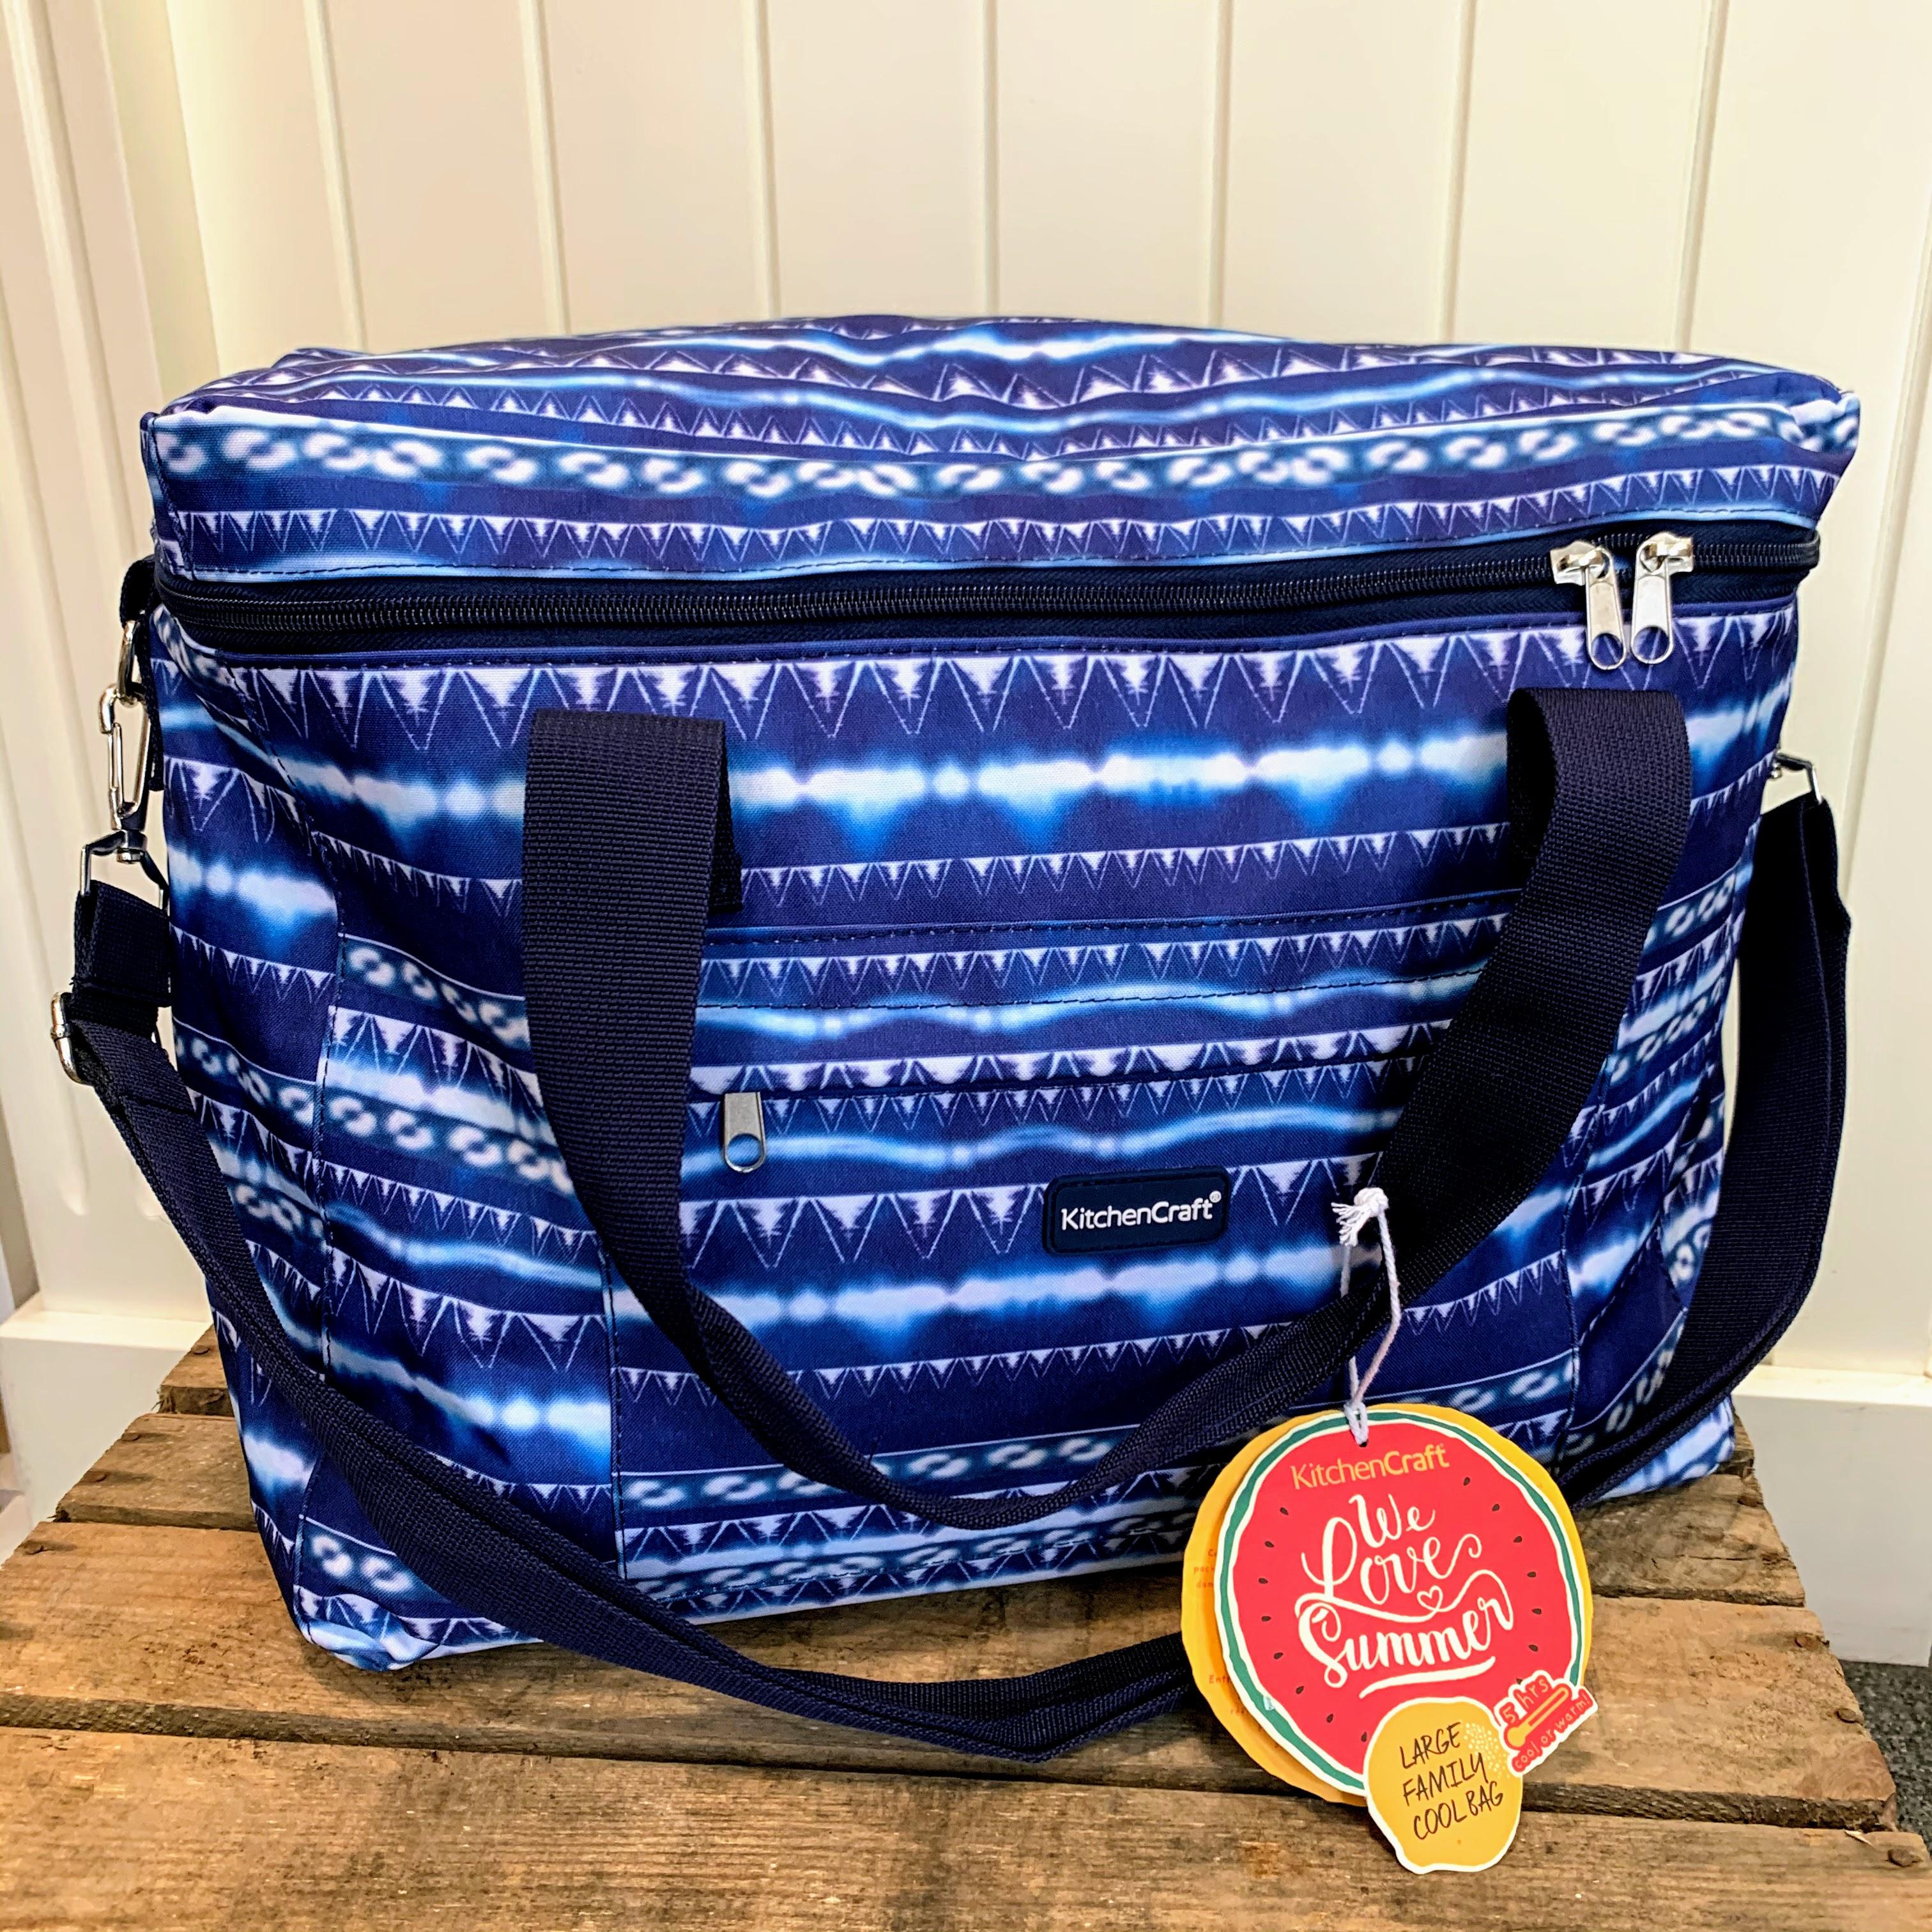 Kitchen Craft Cooler Bag